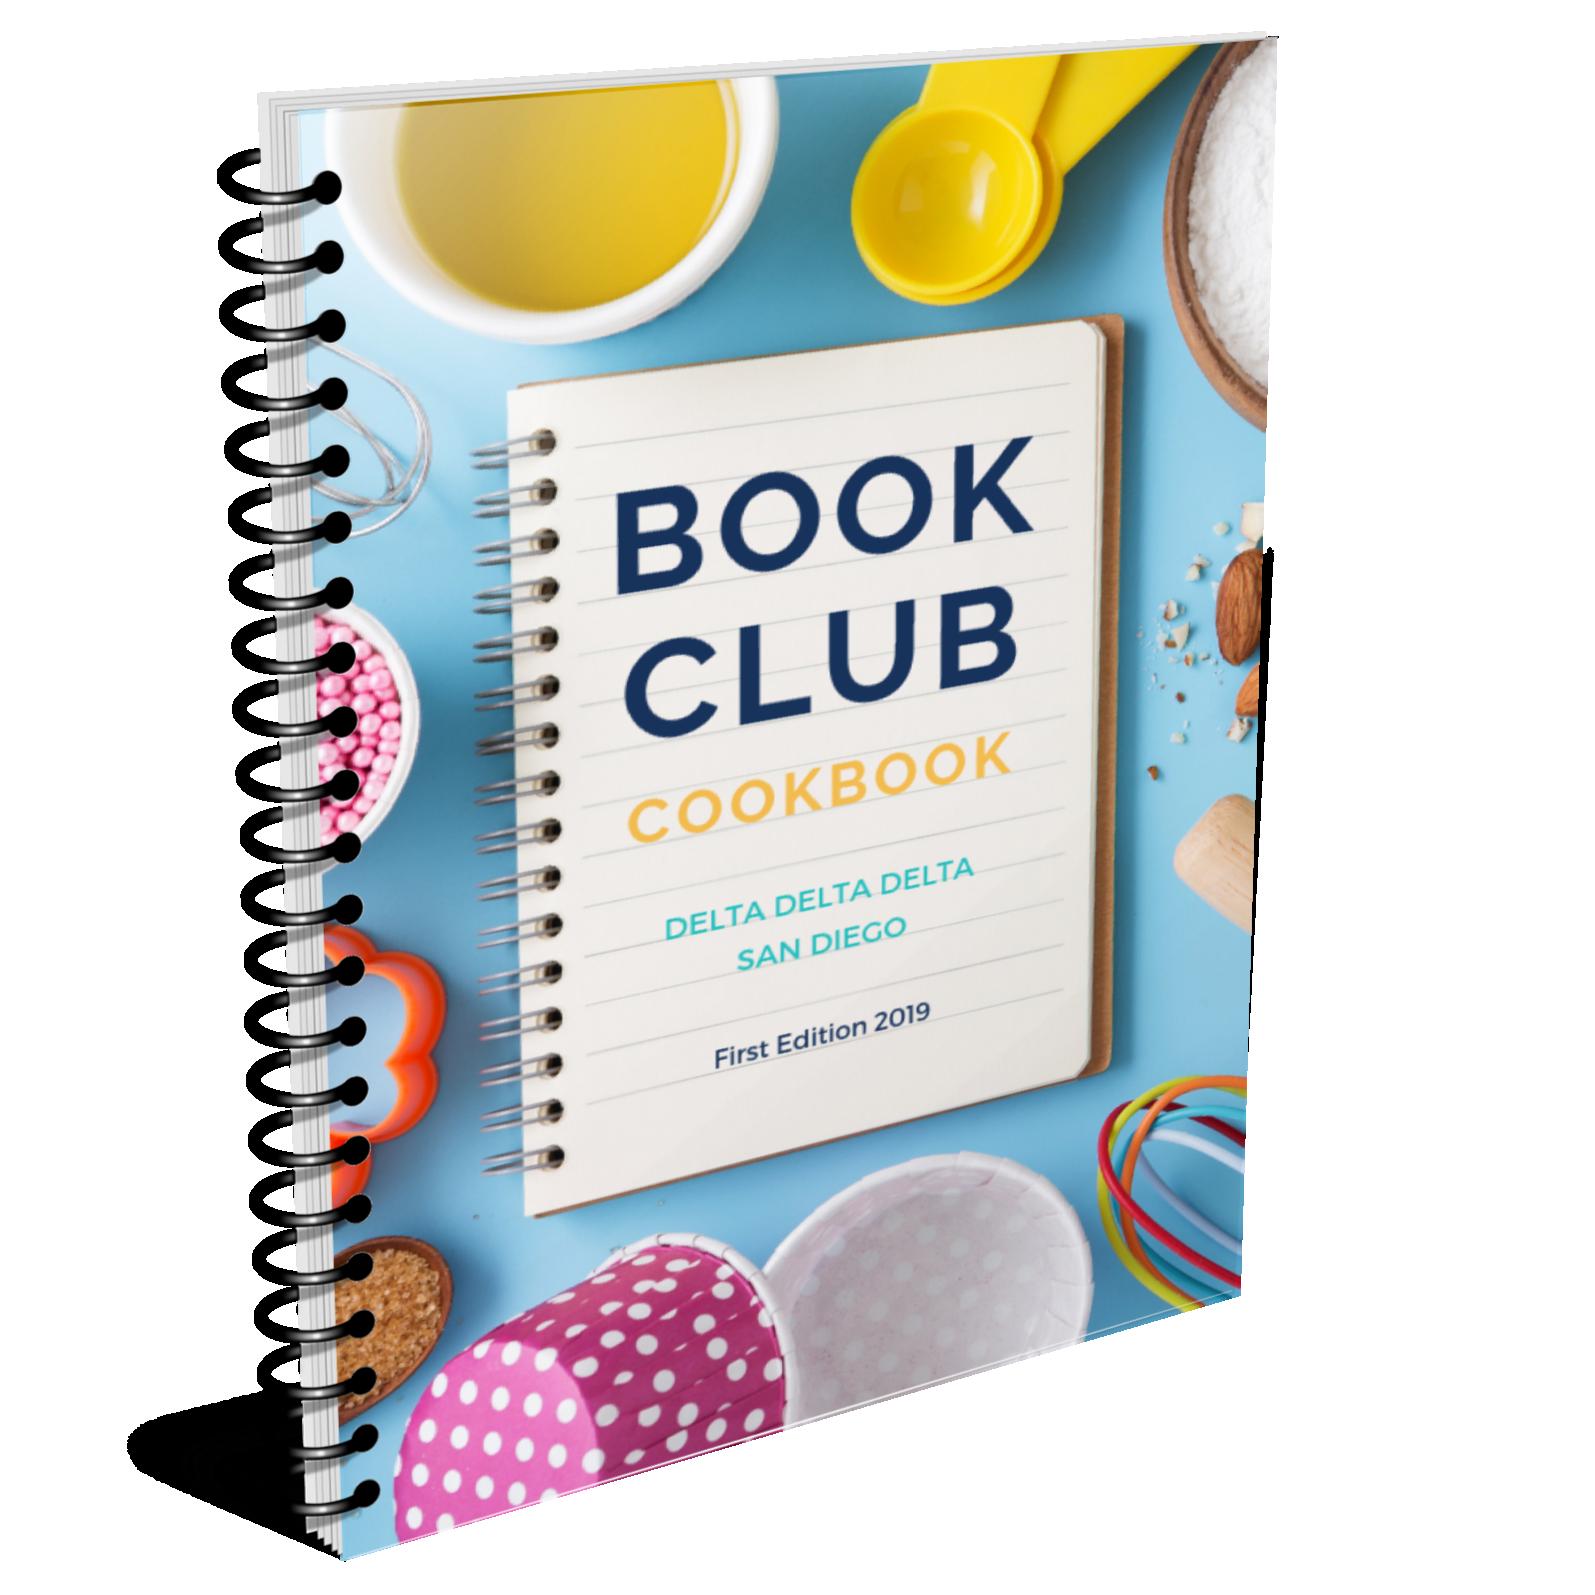 Book Club Cook Book Design by Skondasana.png